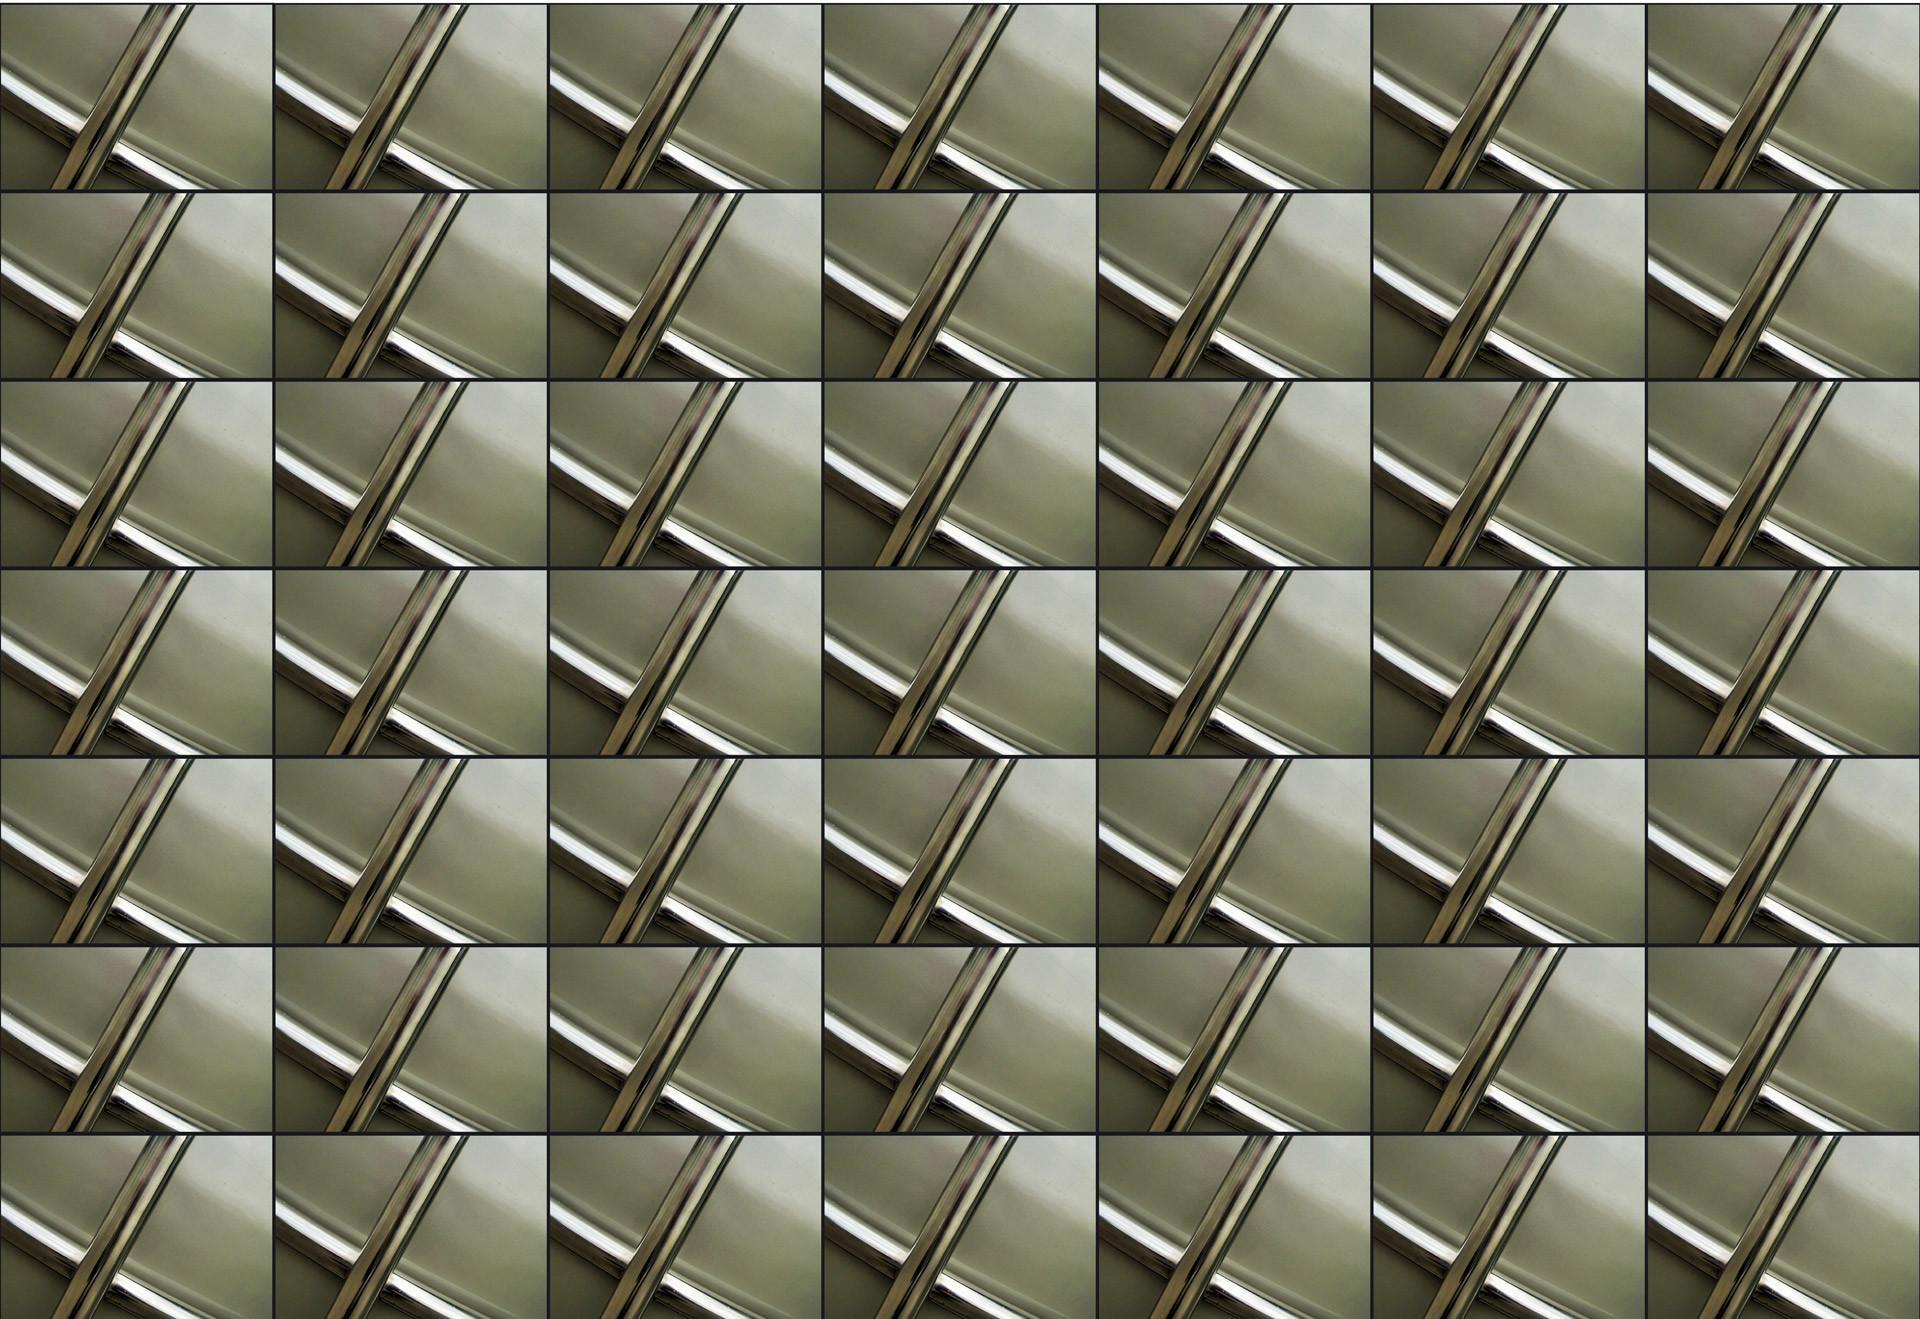 Crossed Chrome Frame Wallpaper